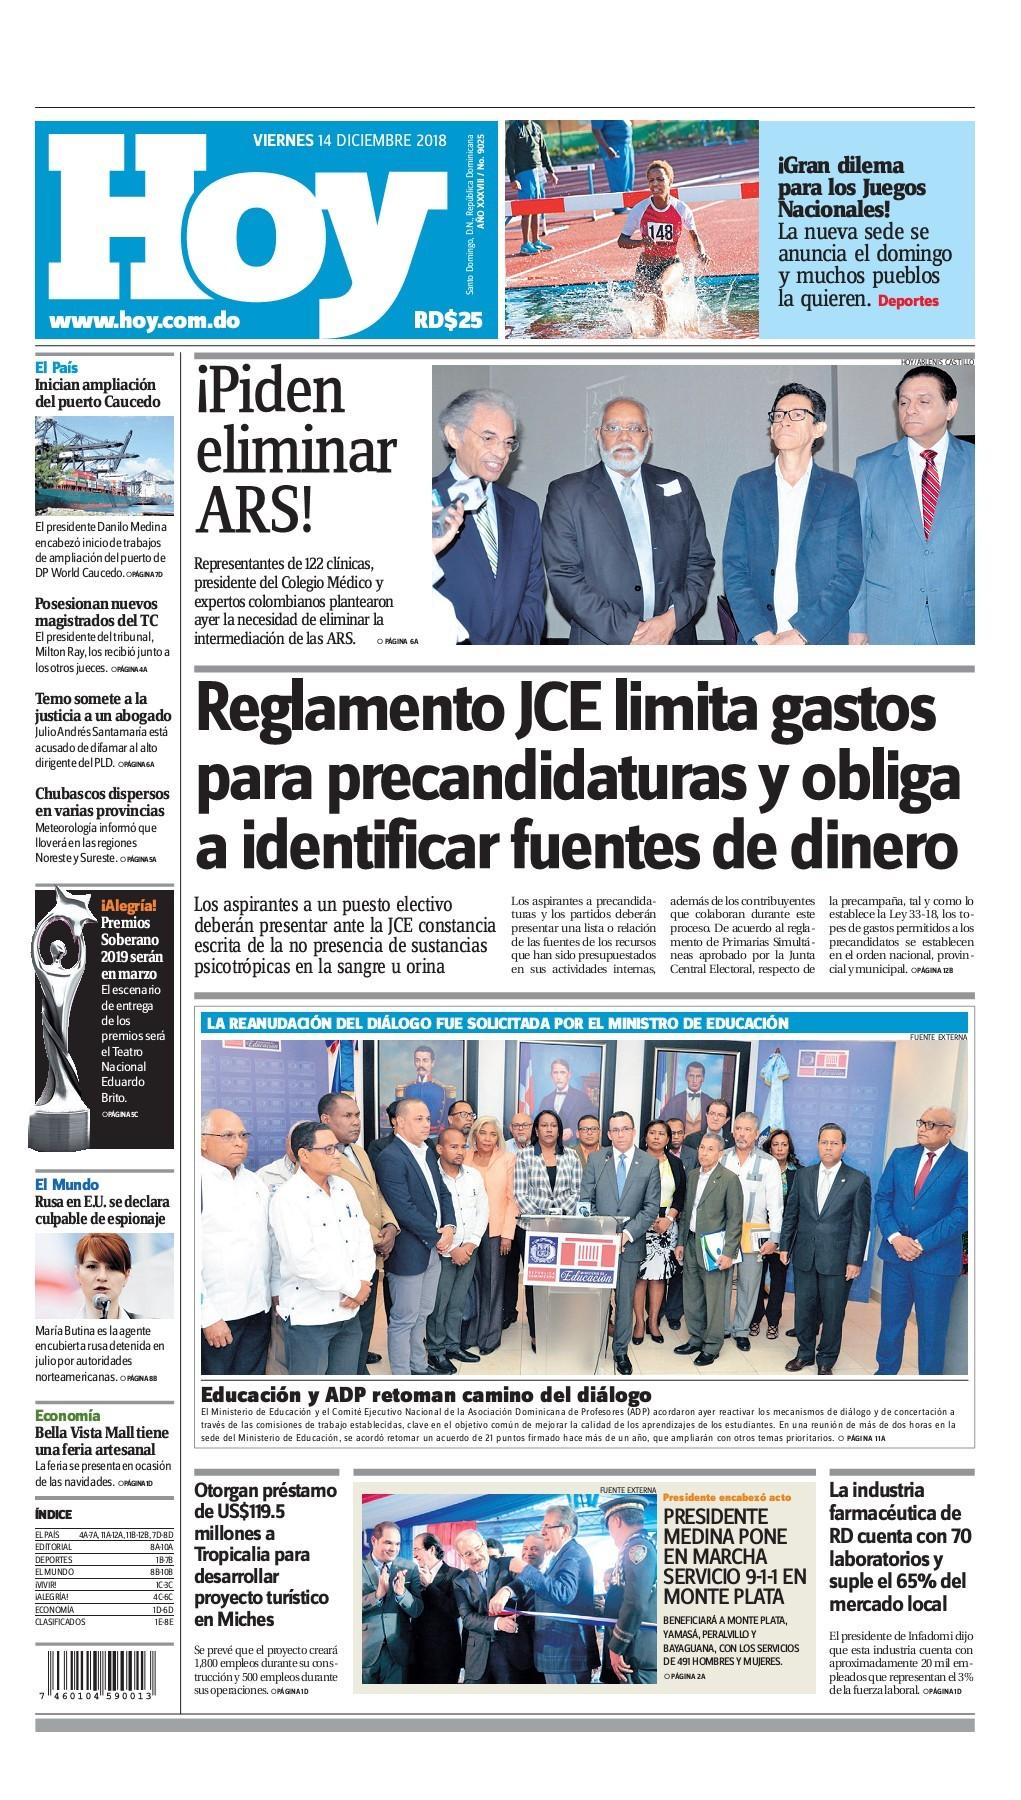 Portada Periódico Hoy, Viernes 14 de Diciembre 2018